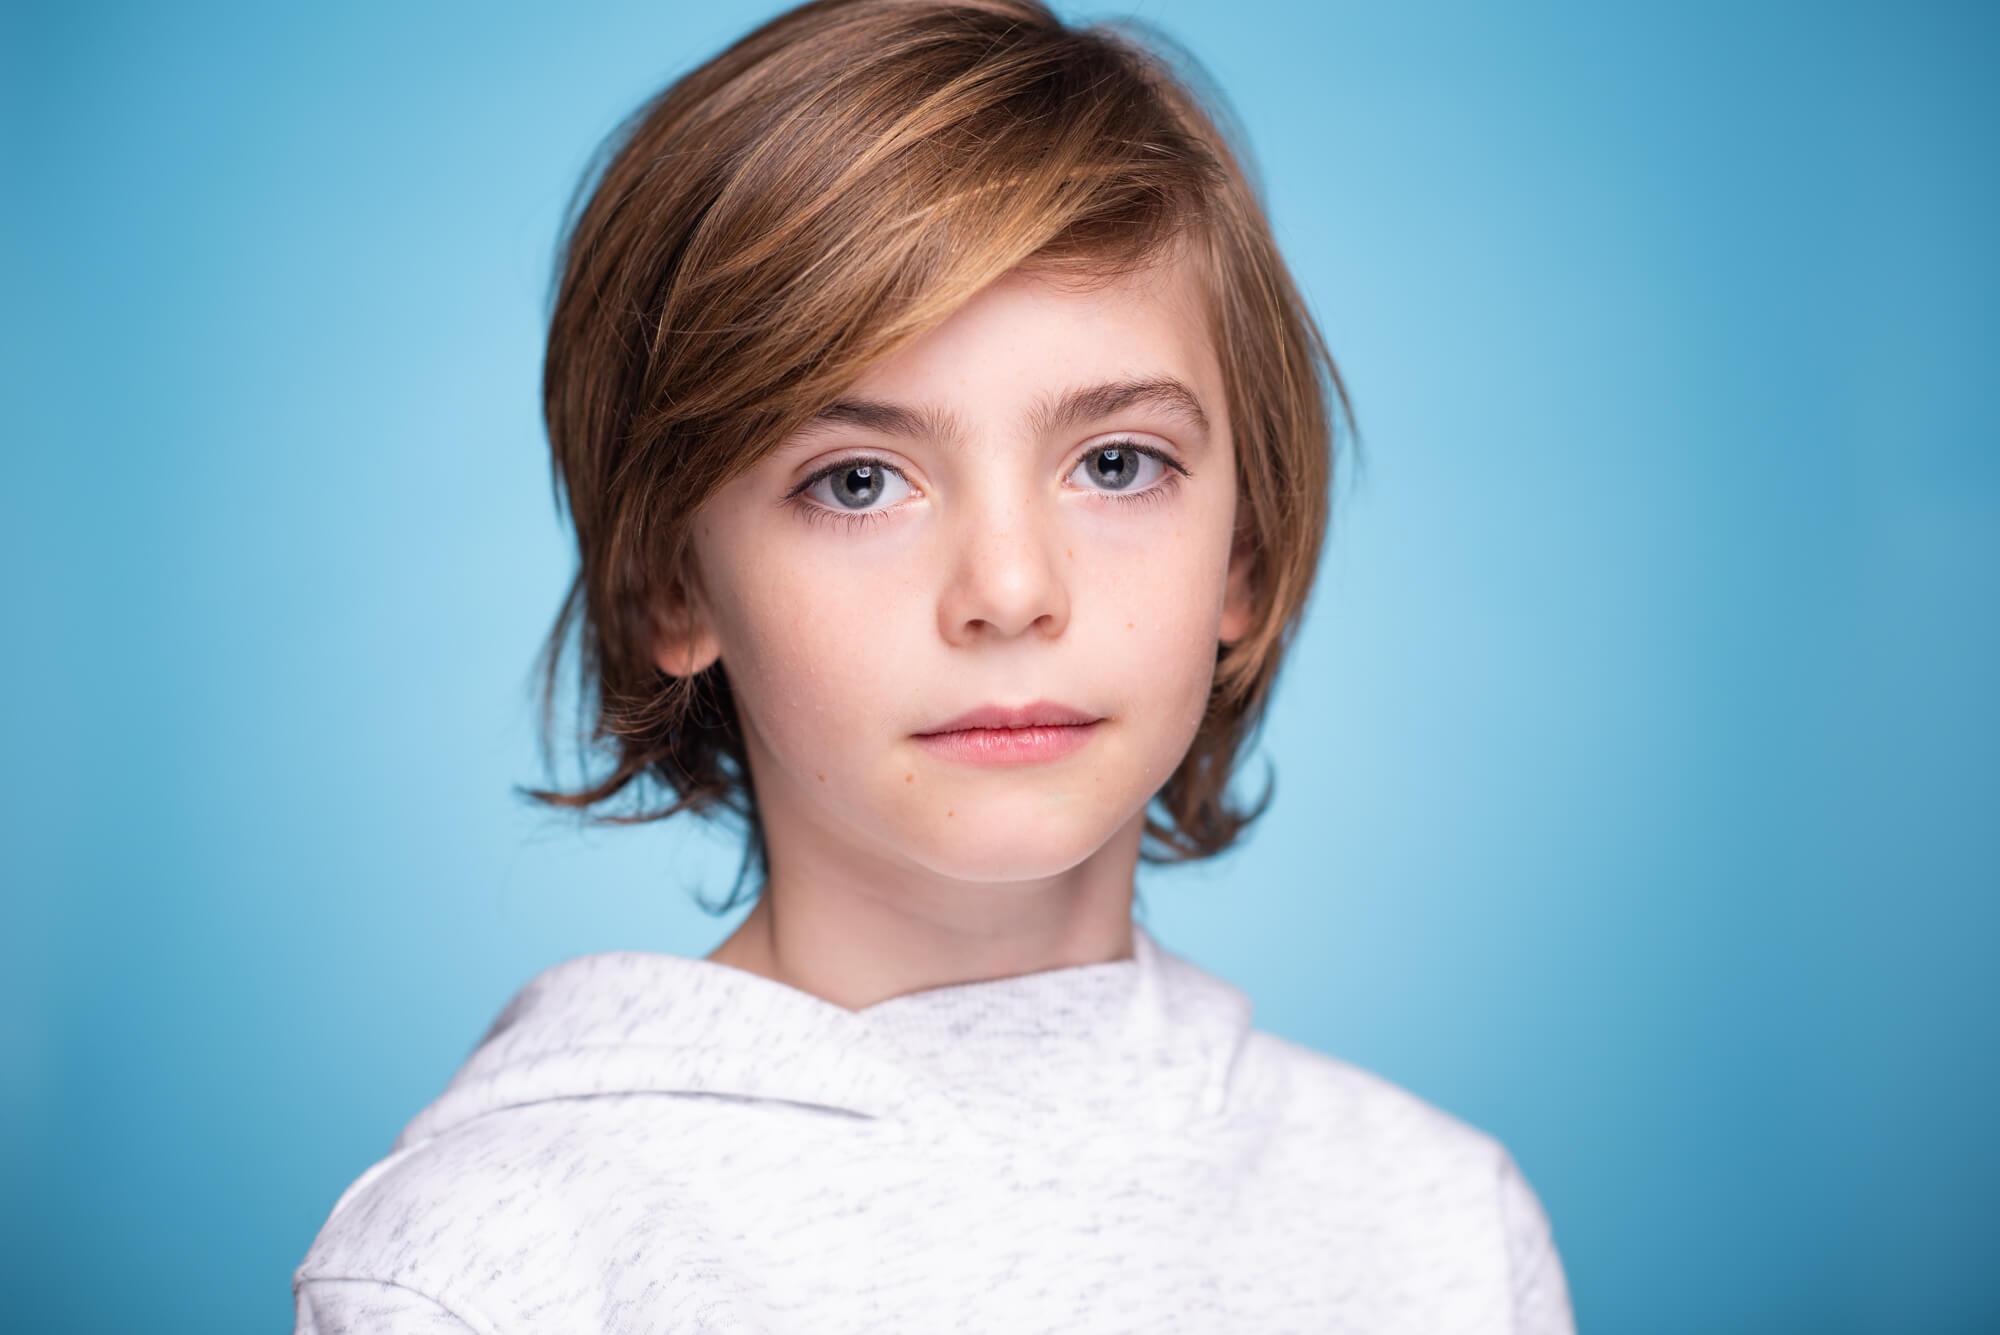 shoot-me-now-agency-child-model.jpg